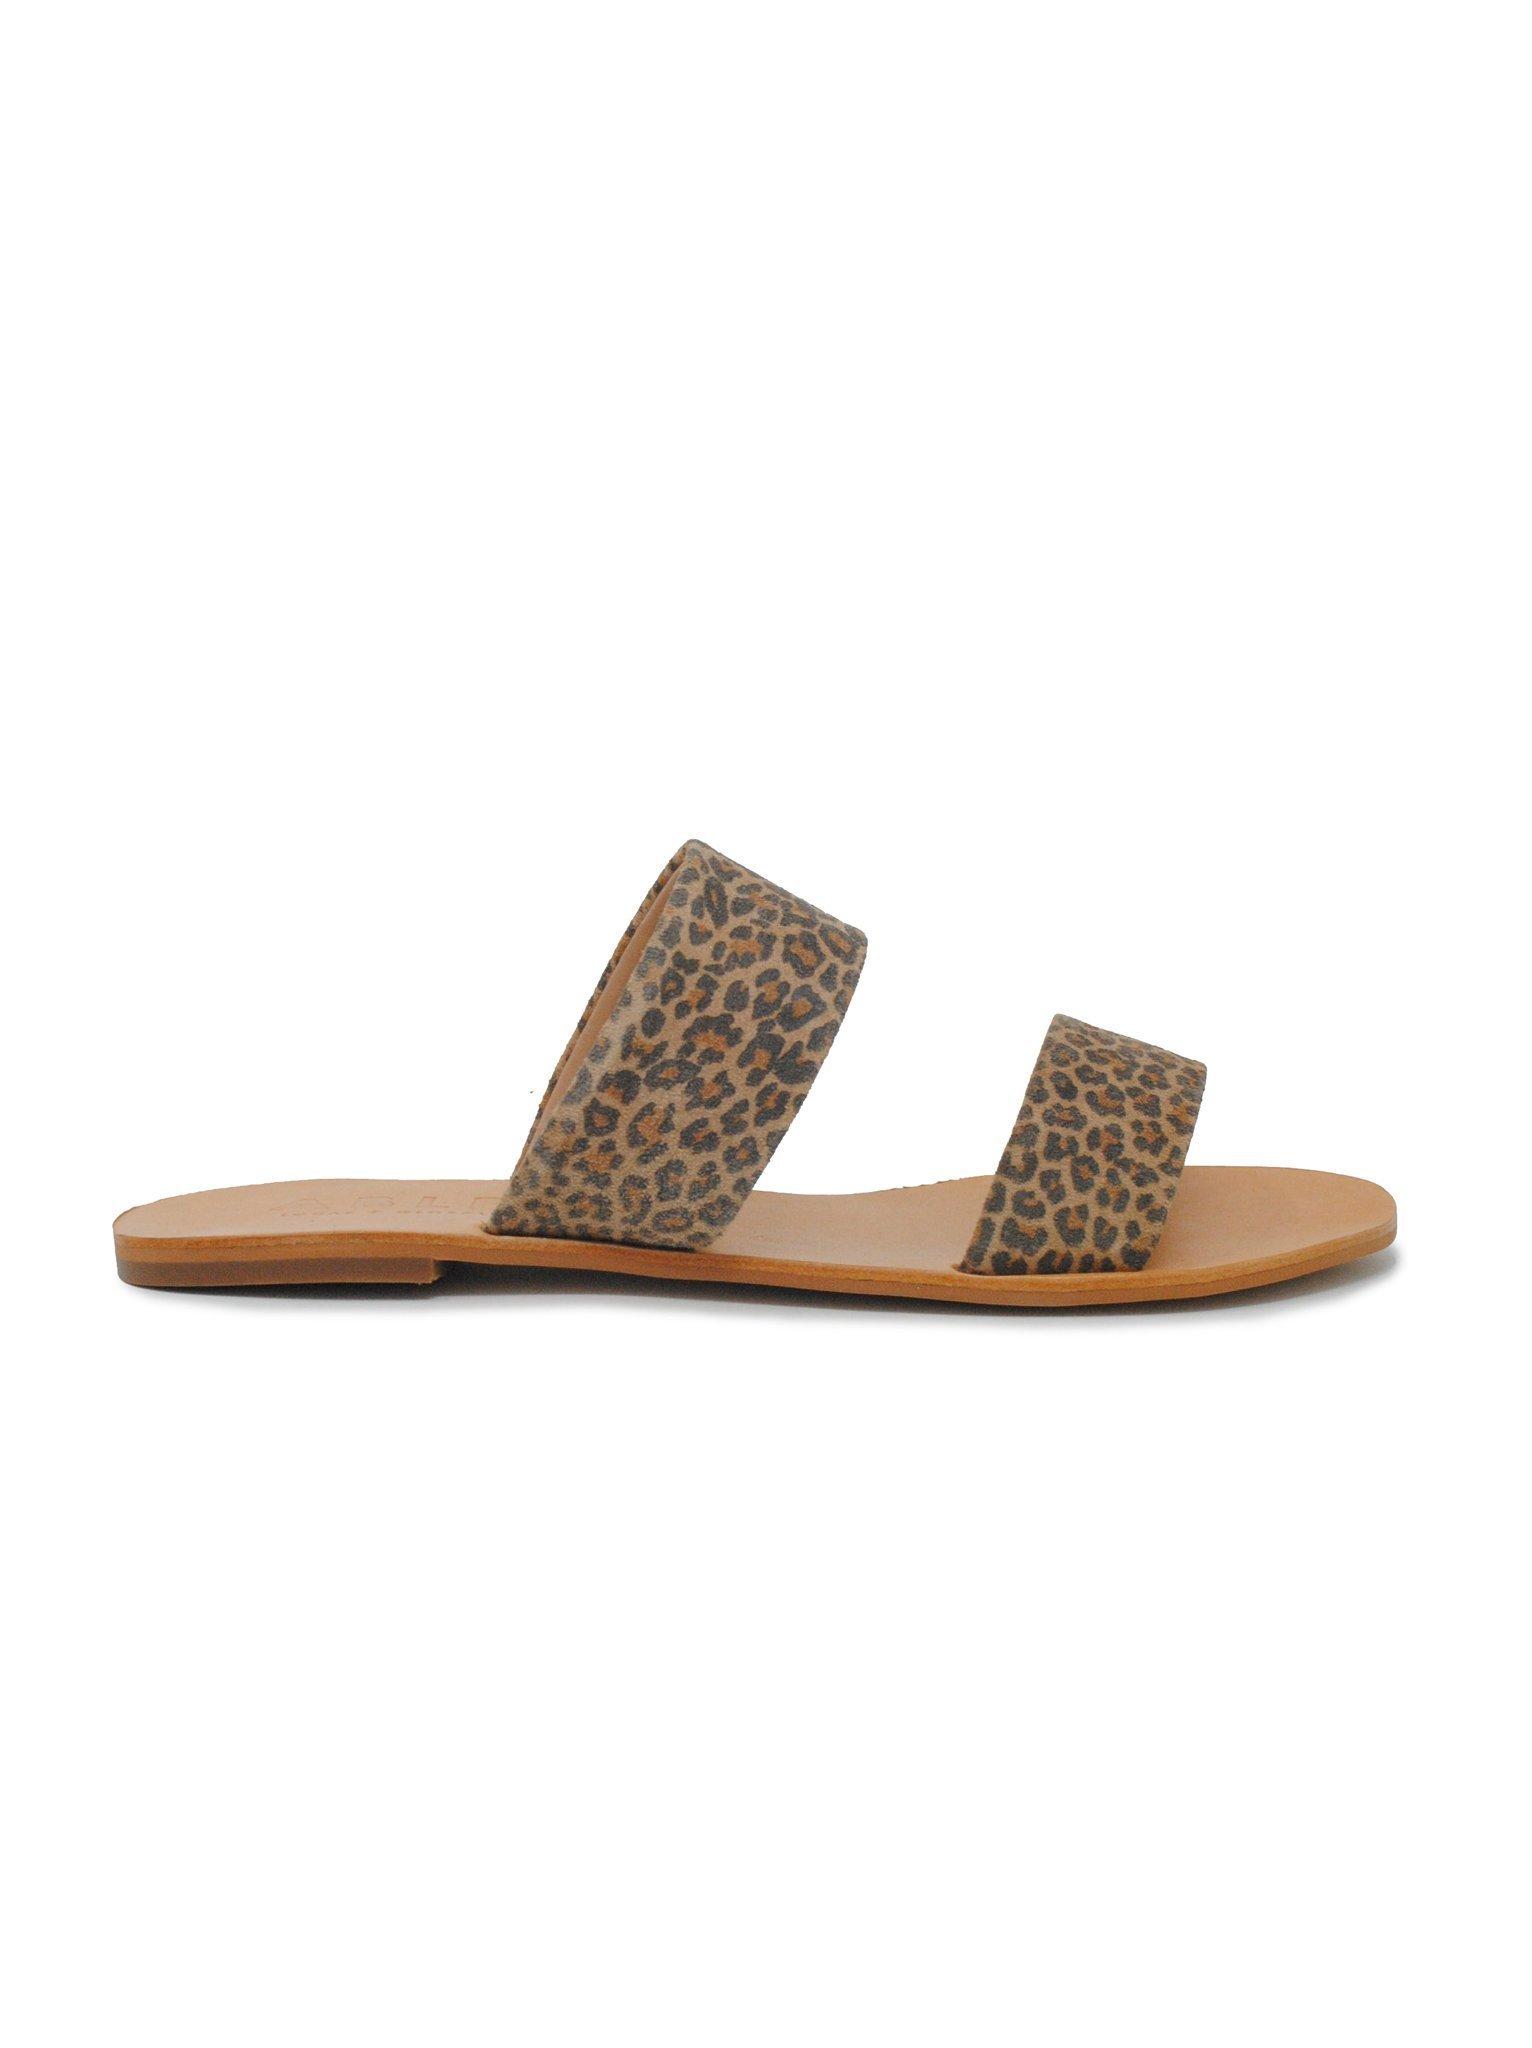 Joselyne Double Strap Sandal